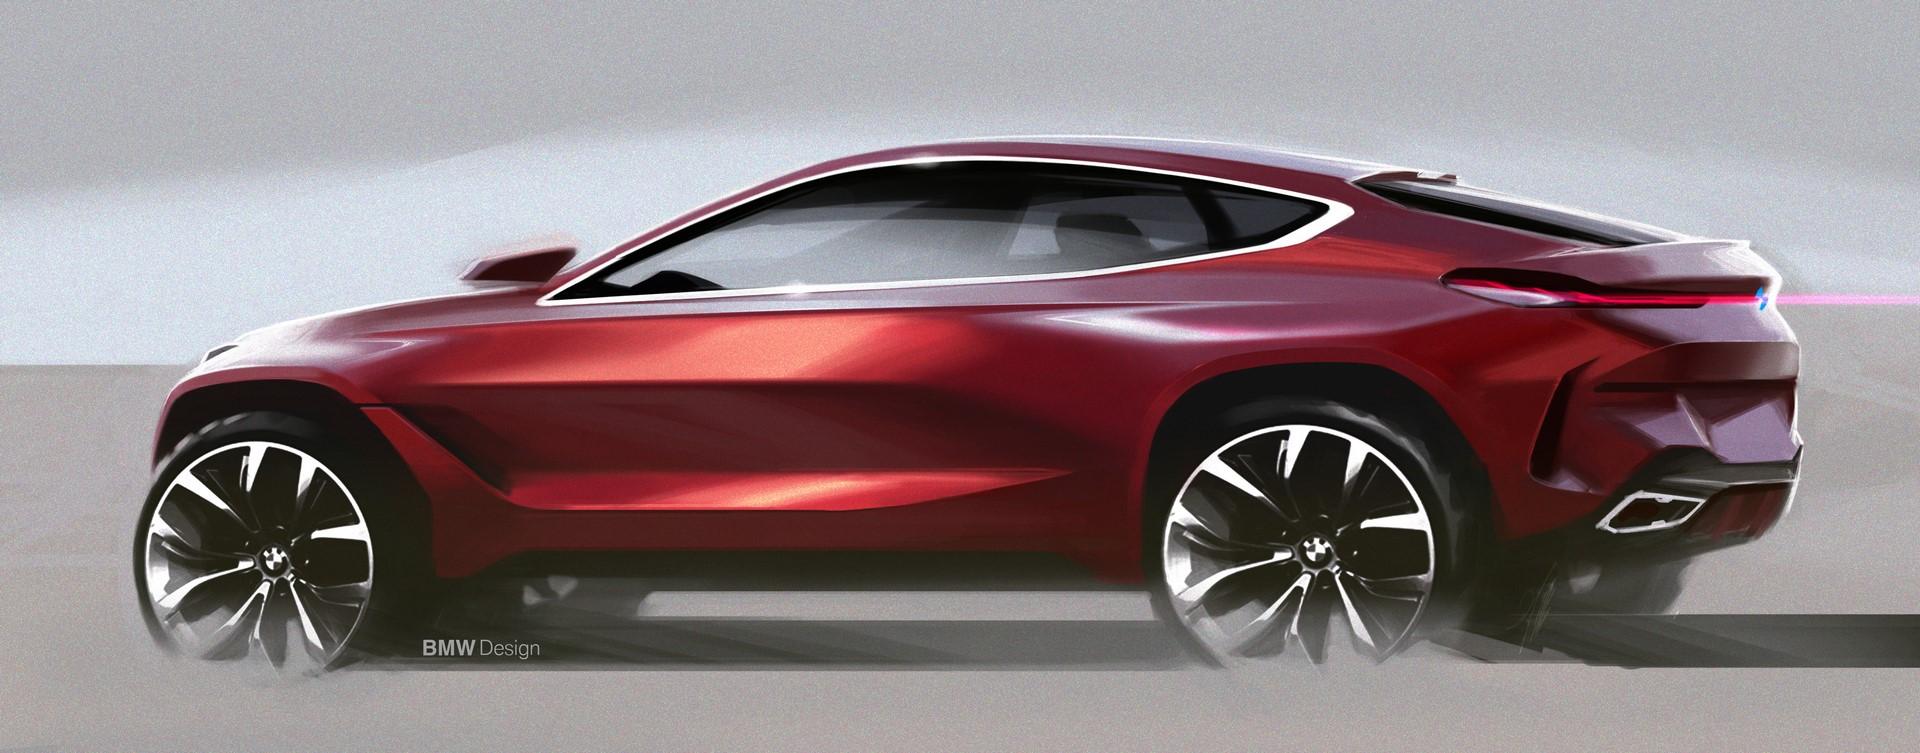 BMW-X6-2020-60